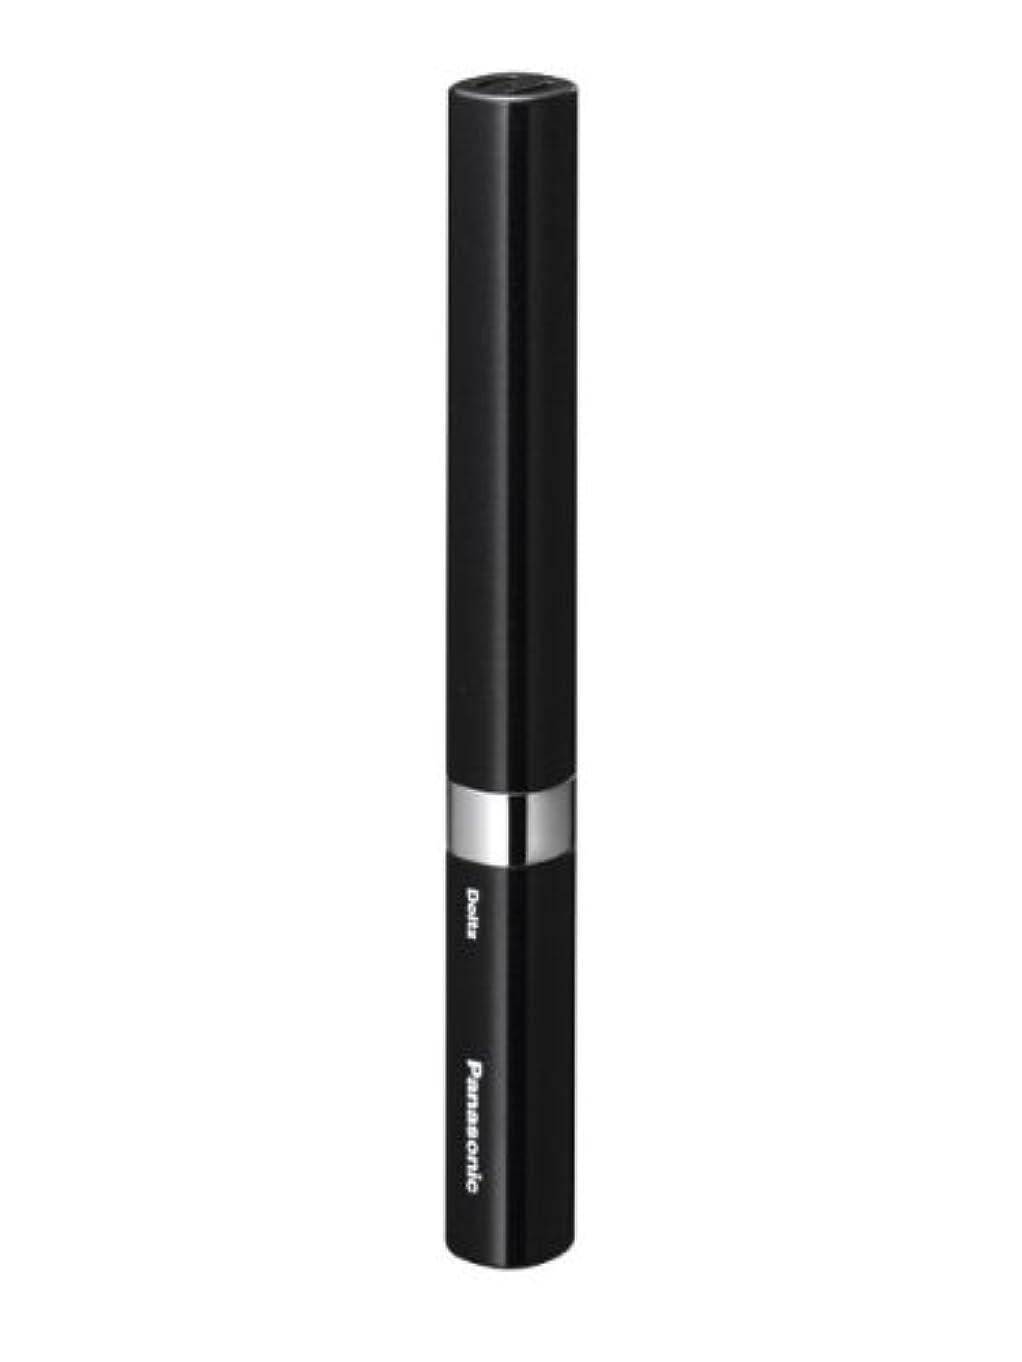 プラグ用心するミサイルパナソニック 音波振動ハブラシ ポケットドルツ 黒 EW-DS14-K